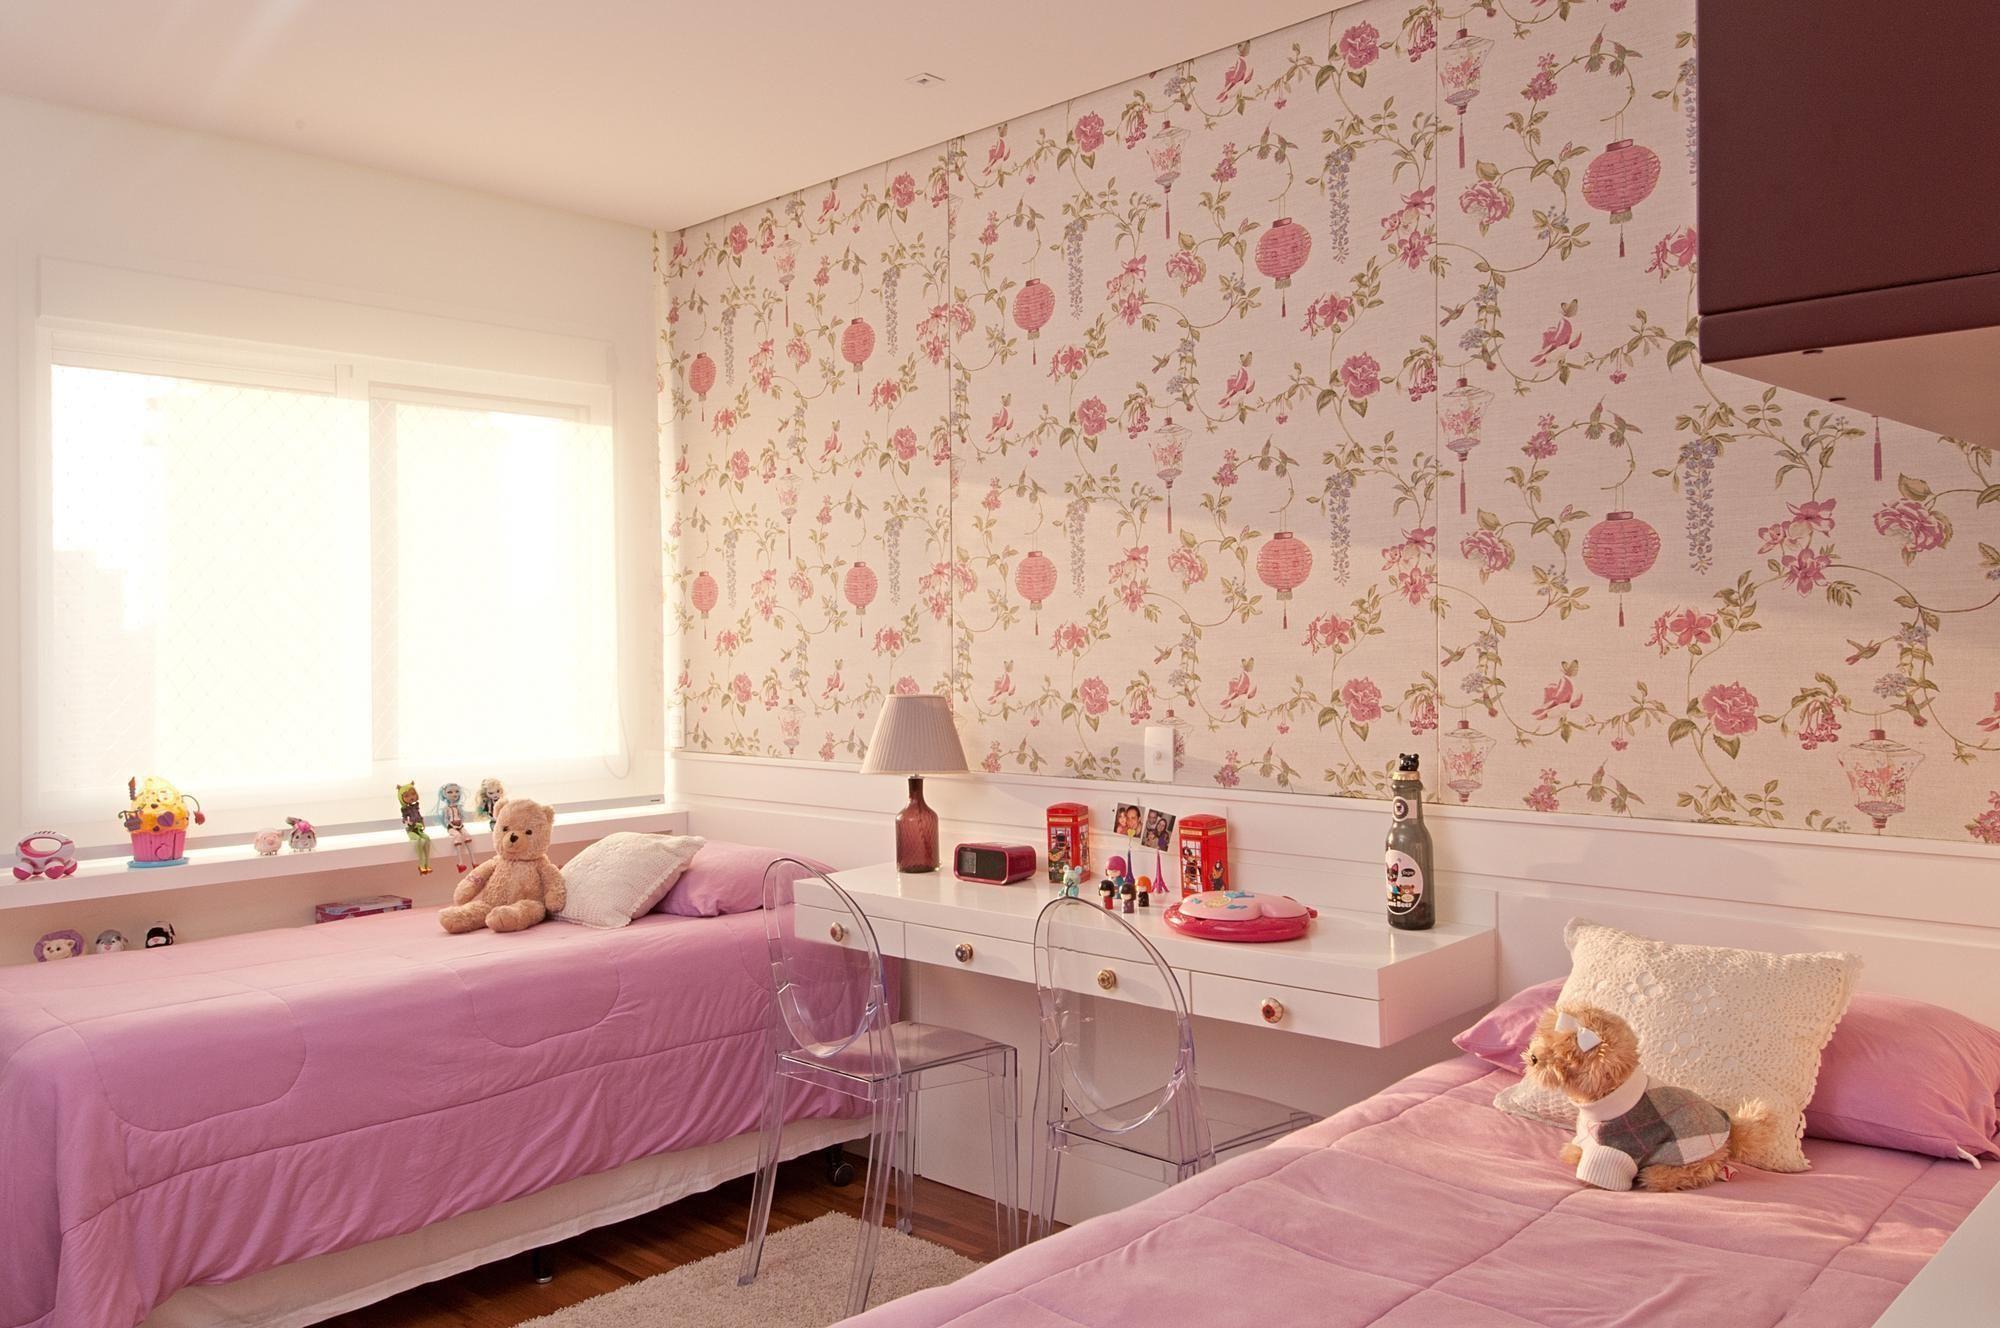 24 inspirações de papéis de parede para quarto feminino  ~ Quartos Decorados Com Papel De Parede Preto E Branco